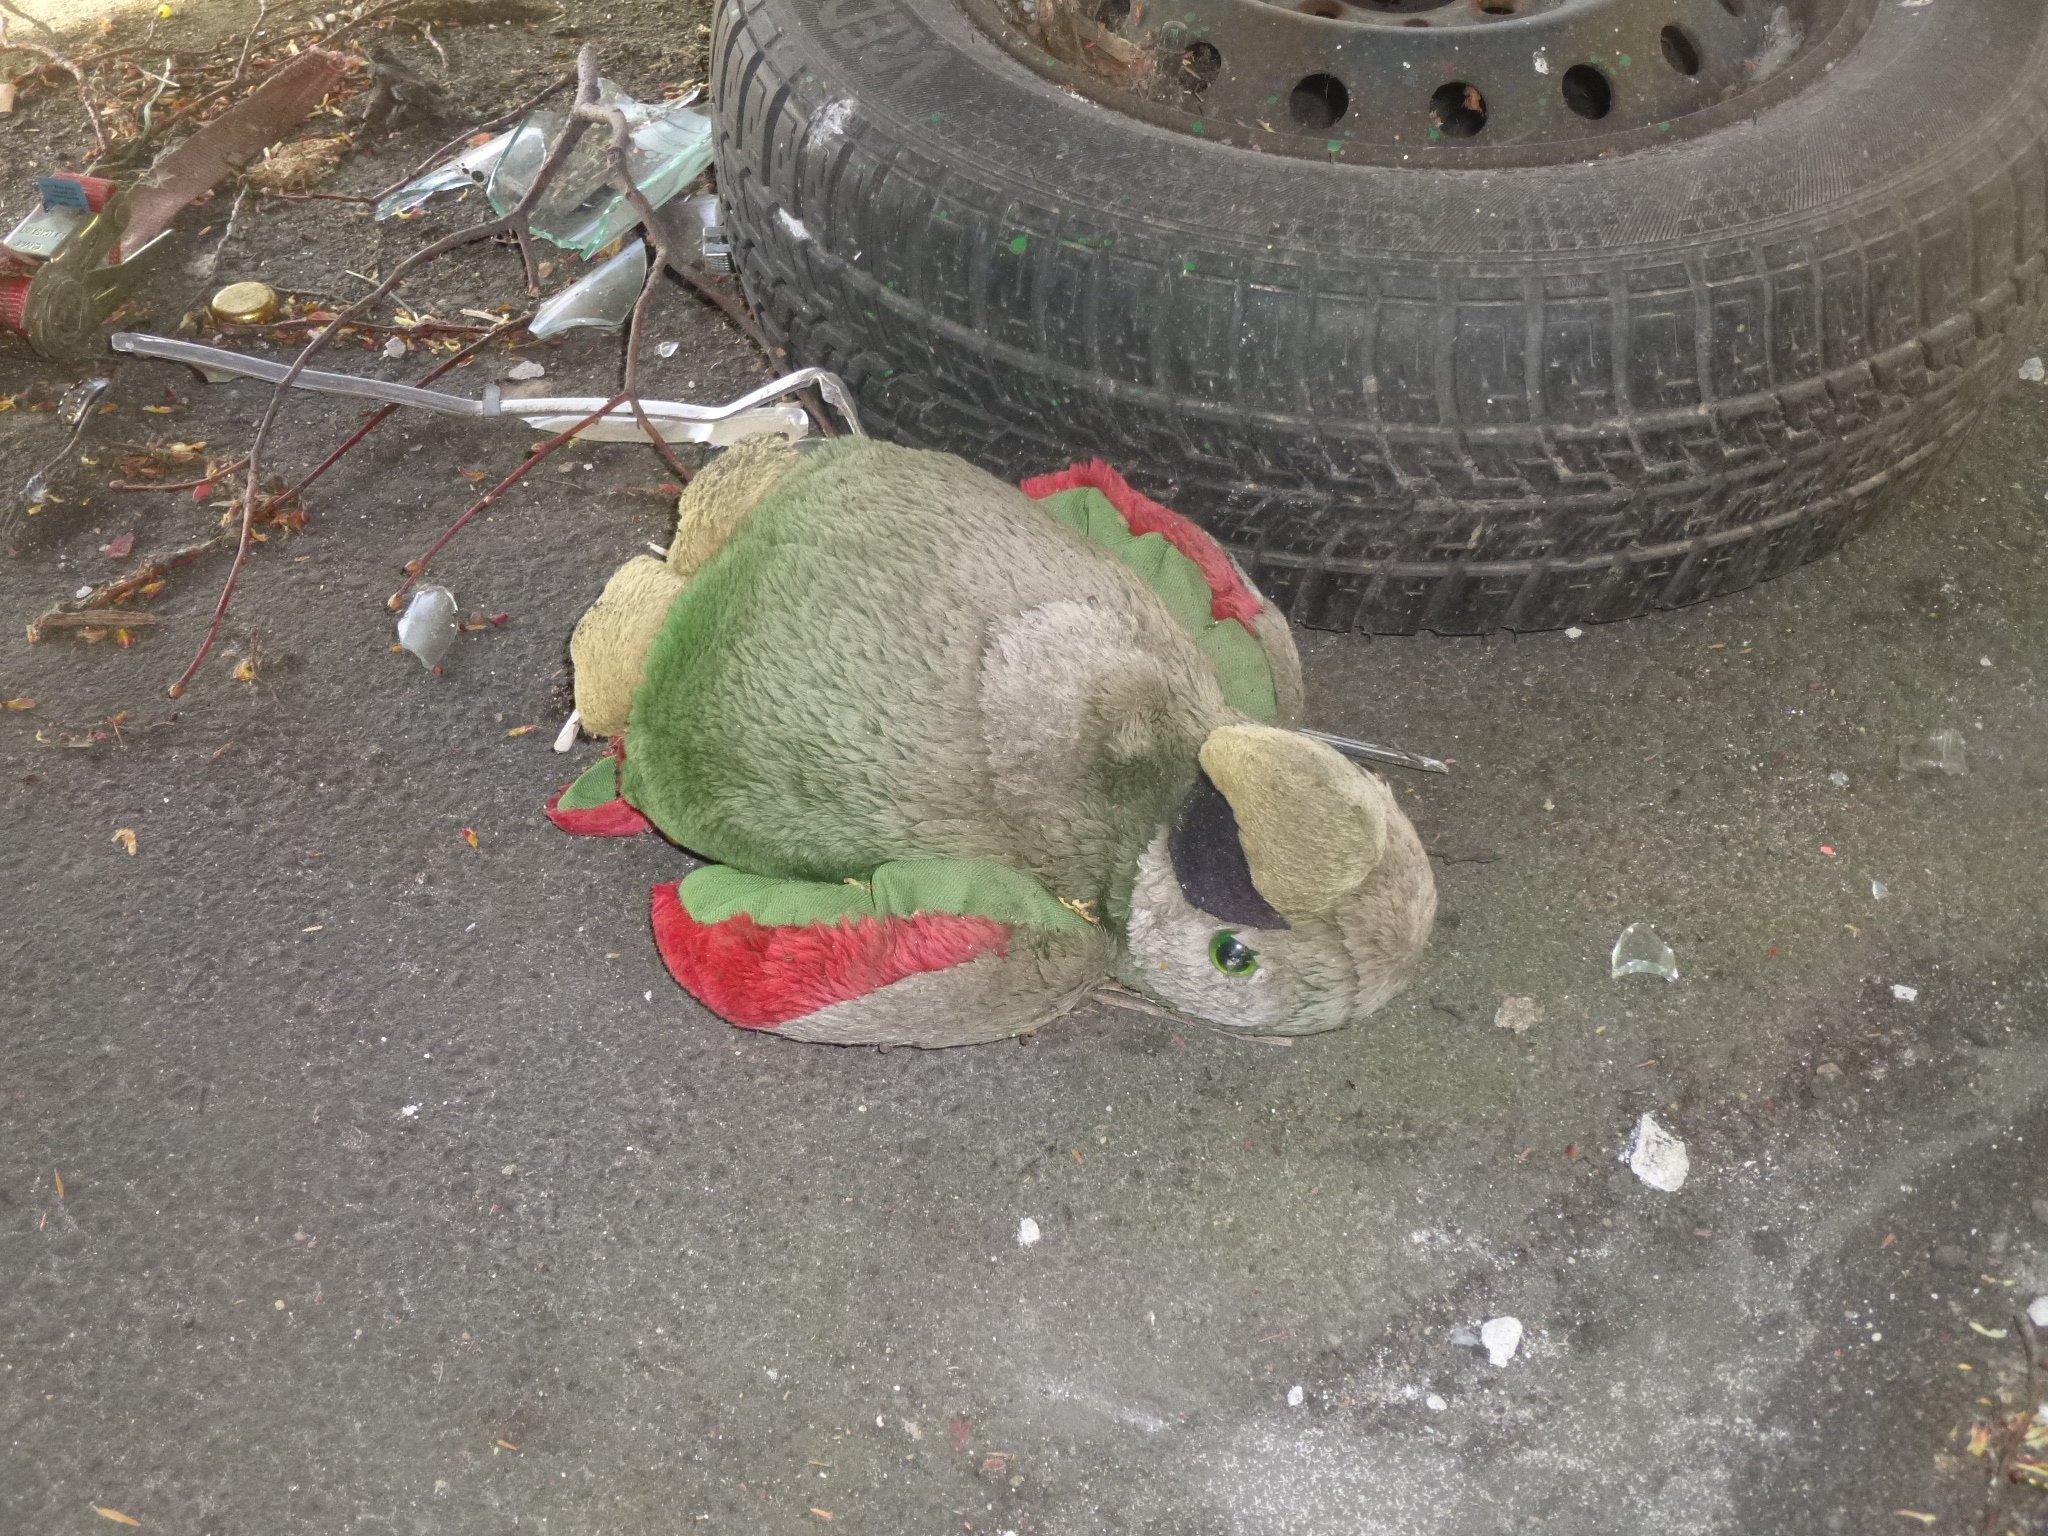 Papagei unter dem Wagen